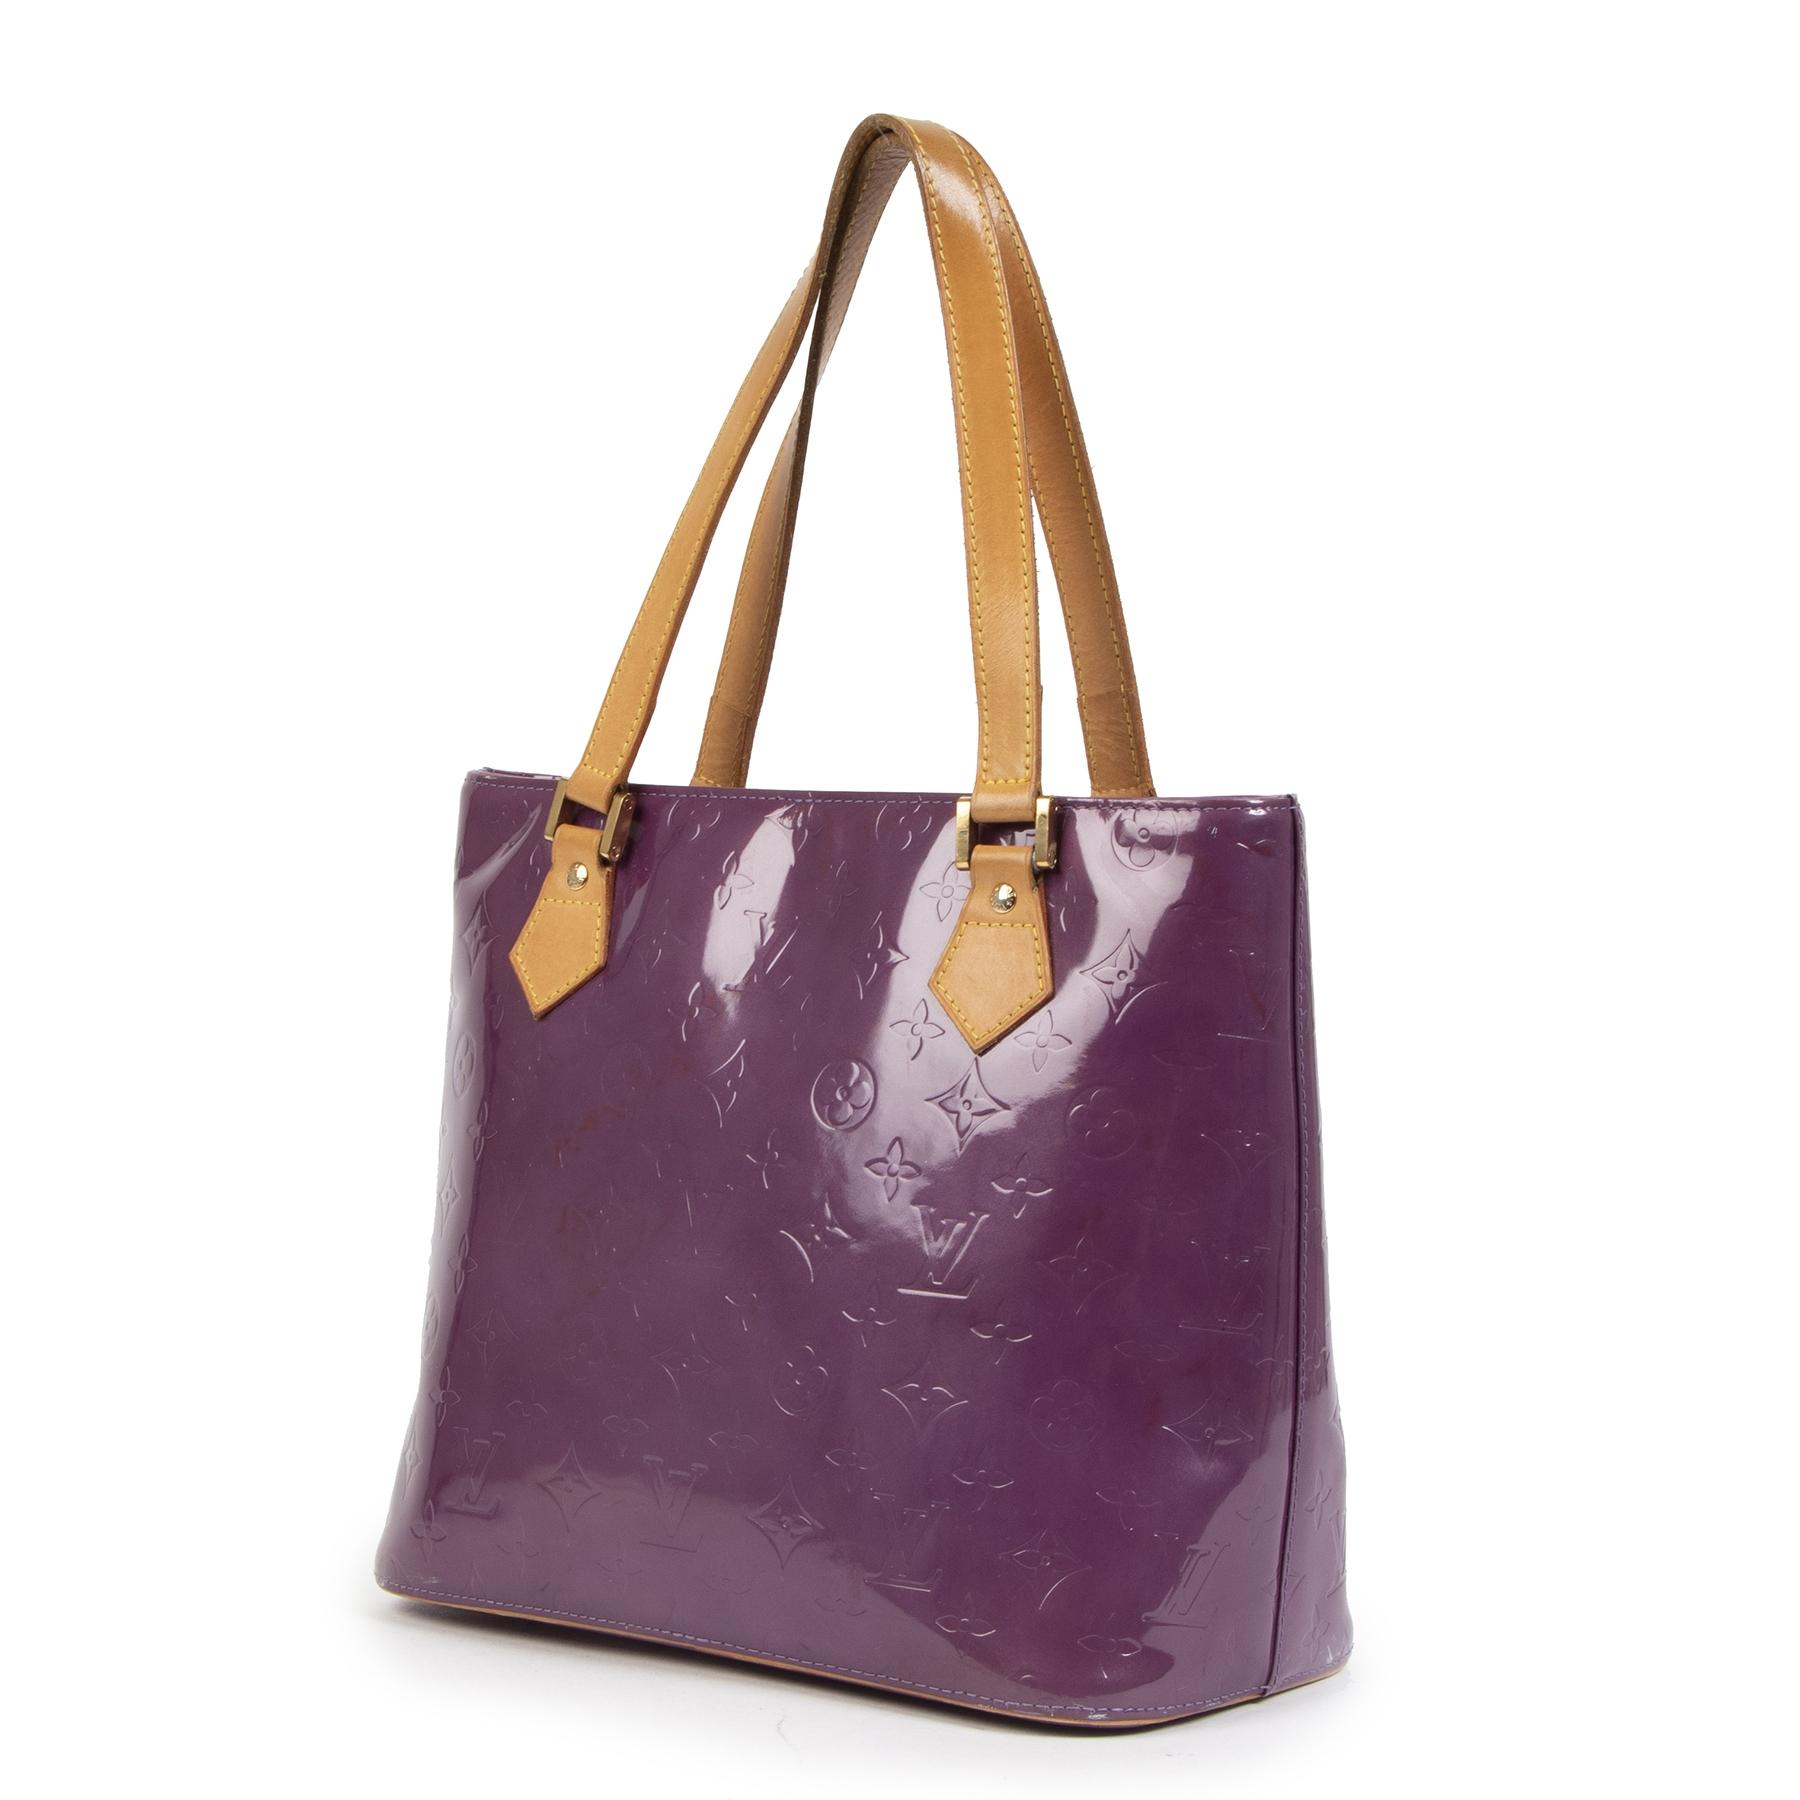 Authentic second-hand vintage Louis Vuitton Purple Houston Shoulder Bag  buy online webshop LabelLOV